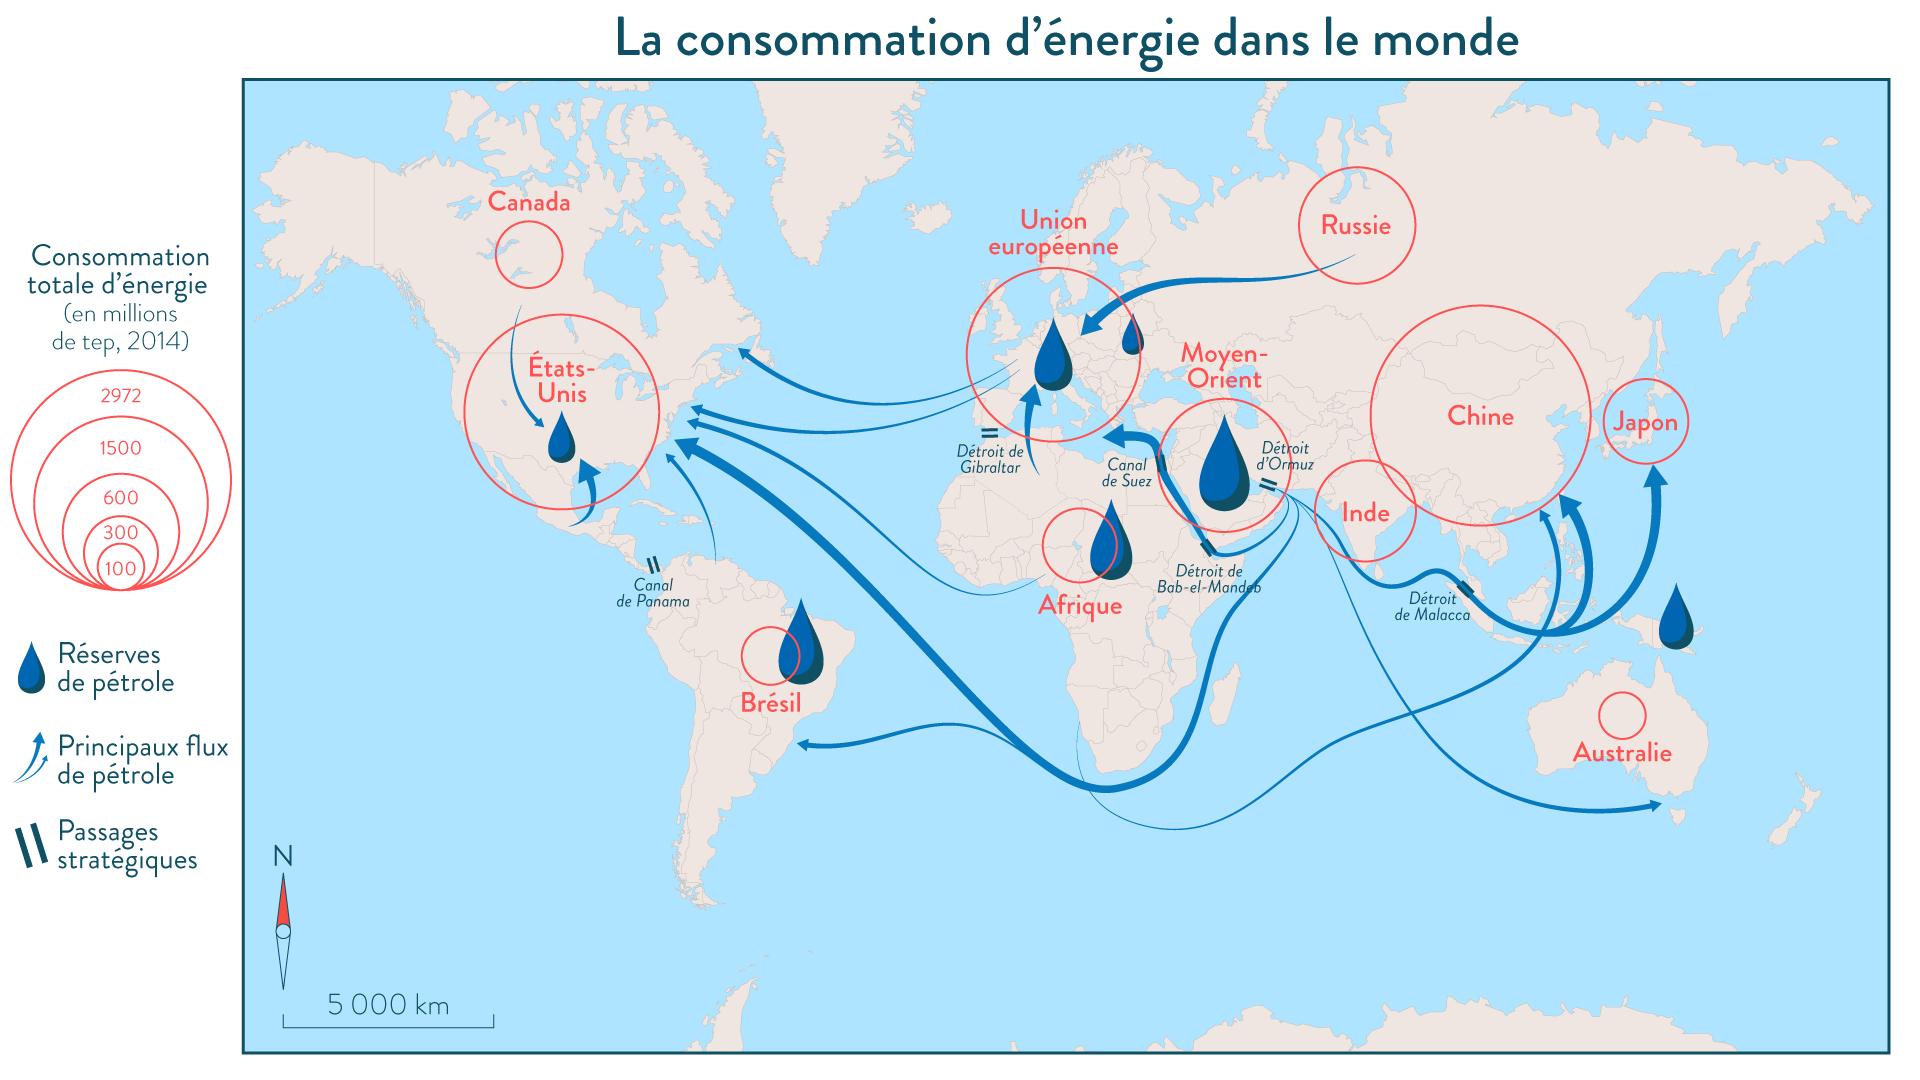 La consommation d'énergie dans le monde